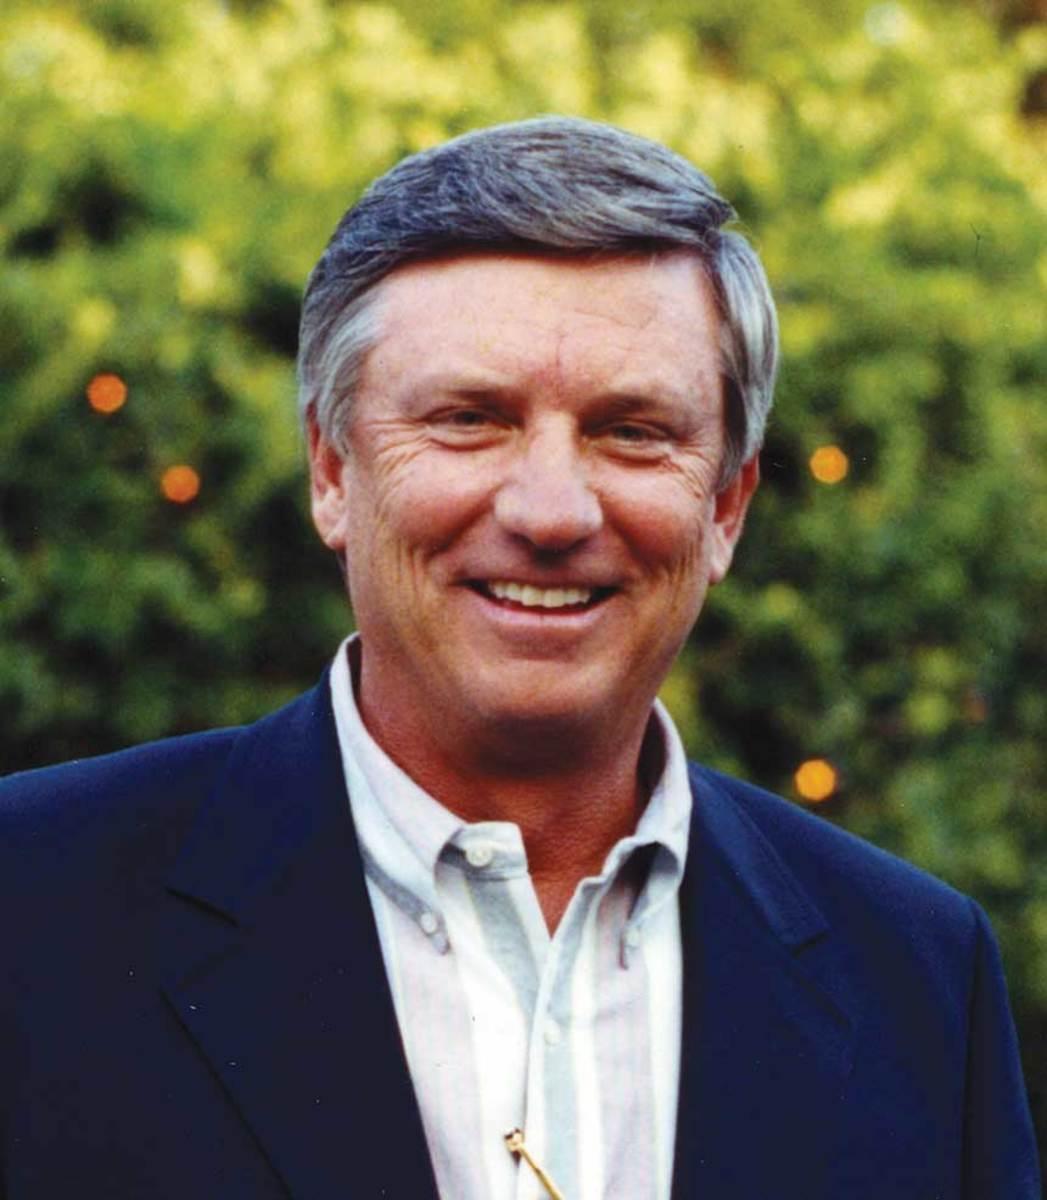 Larry Meddock